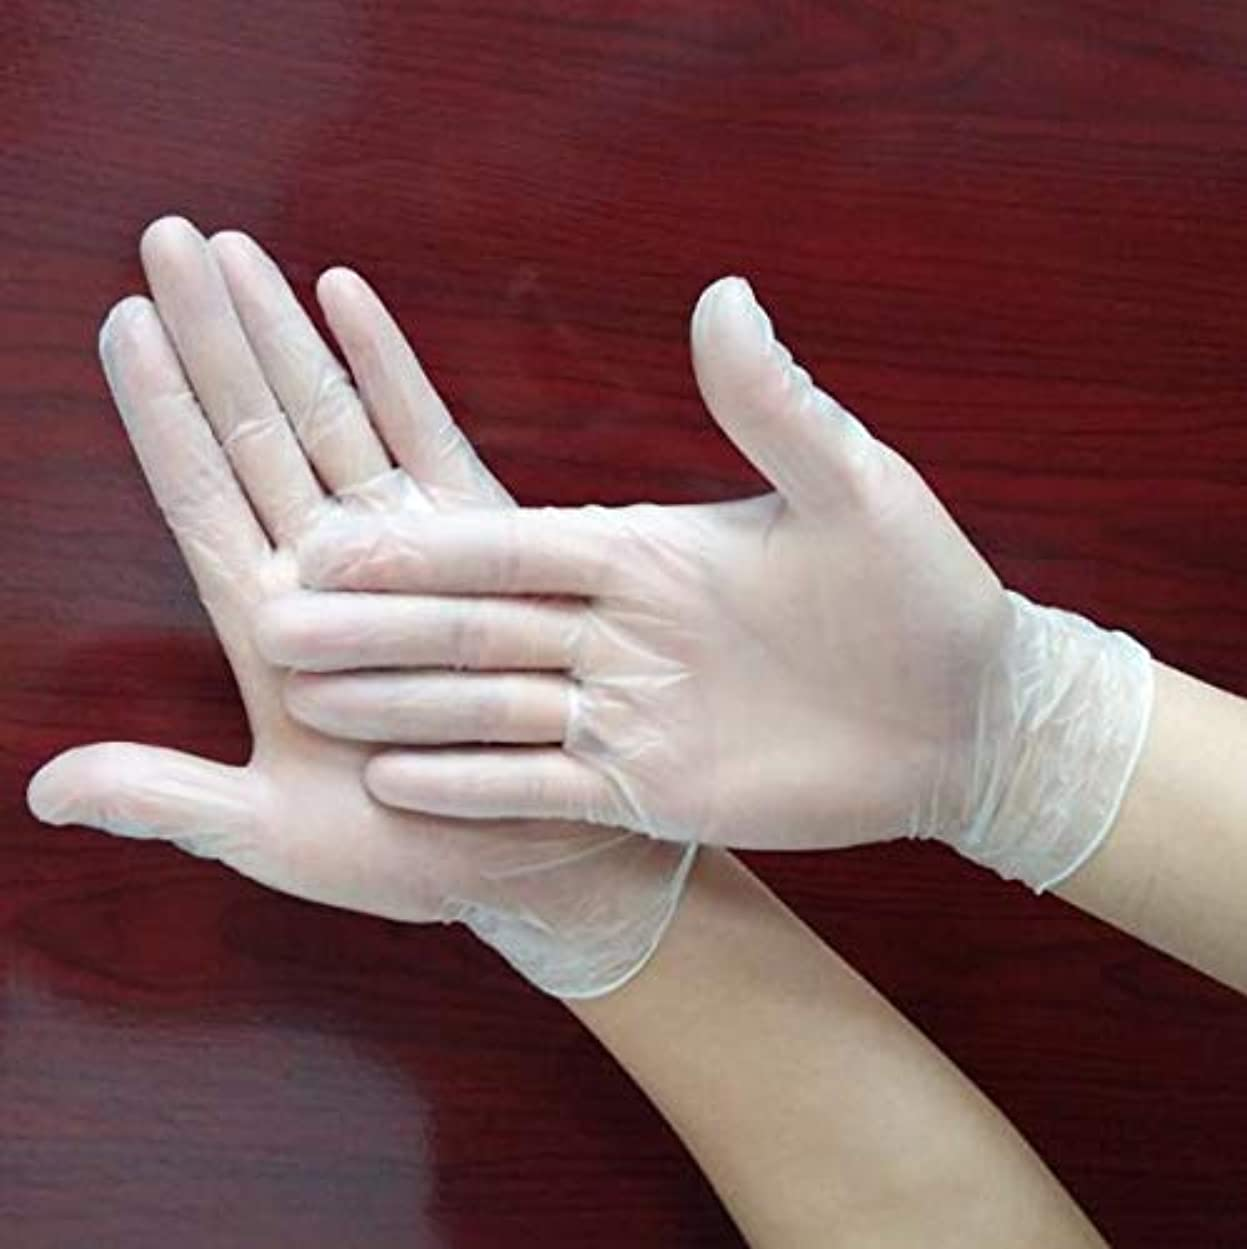 仮称宣言するシガレットハッピー 使い捨てPVC手袋 ベルテプラテ 使い捨て手袋 PVCグローブ 粉なし パウダーフリー 左右兼用 (M)